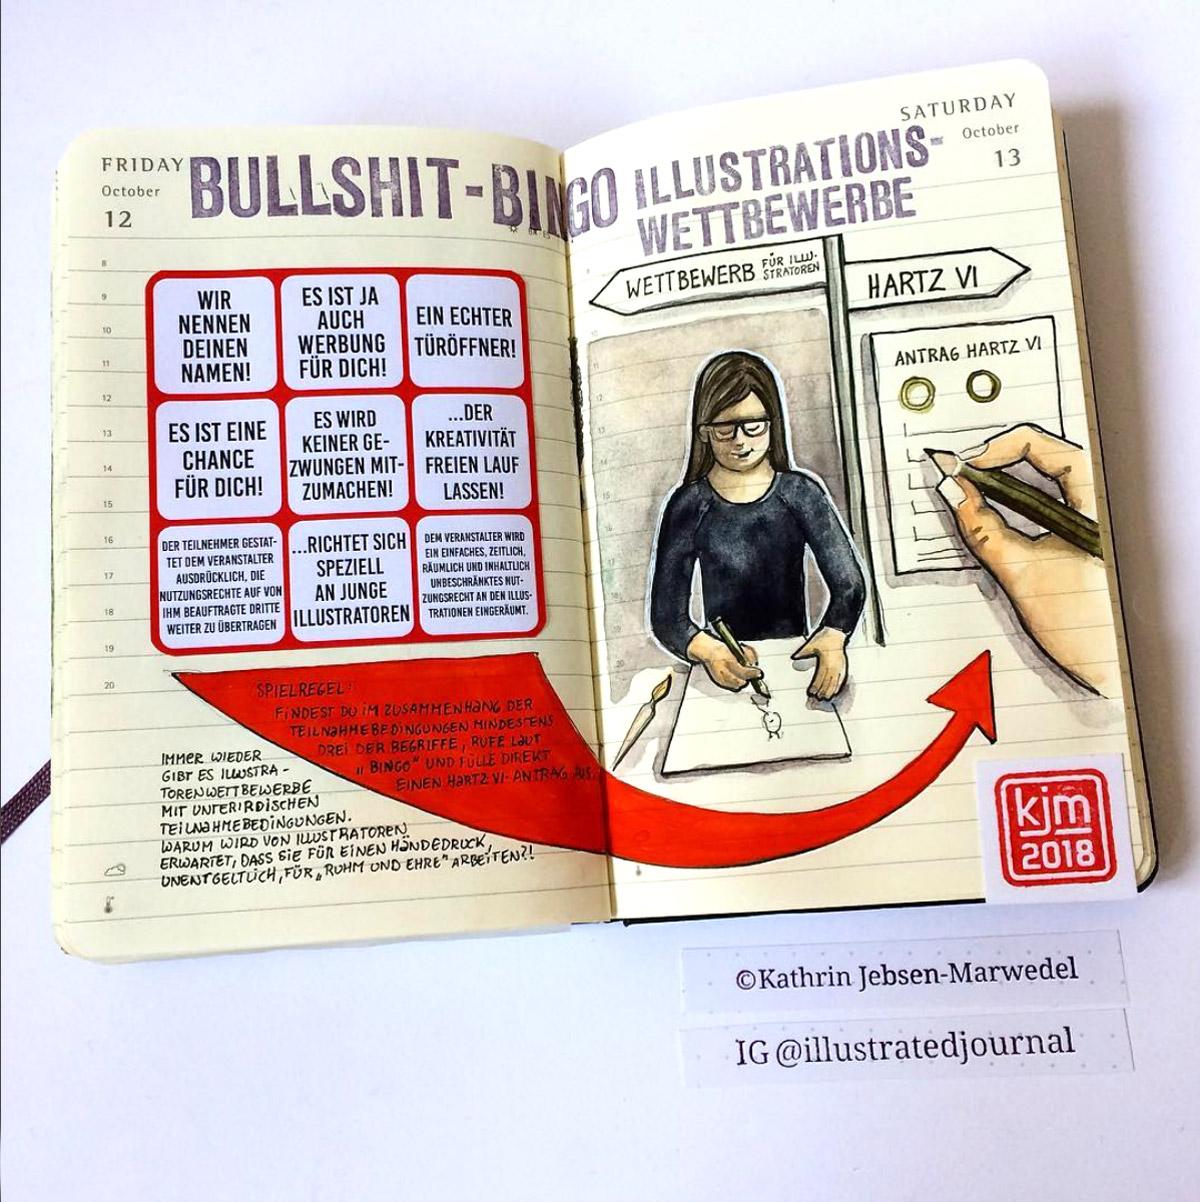 Mein Favorit von Kathrin Jebsen-Marwedel: Das Bullshit-Bingo zu Illustrations-Wettbewerben. Leider so wahr…